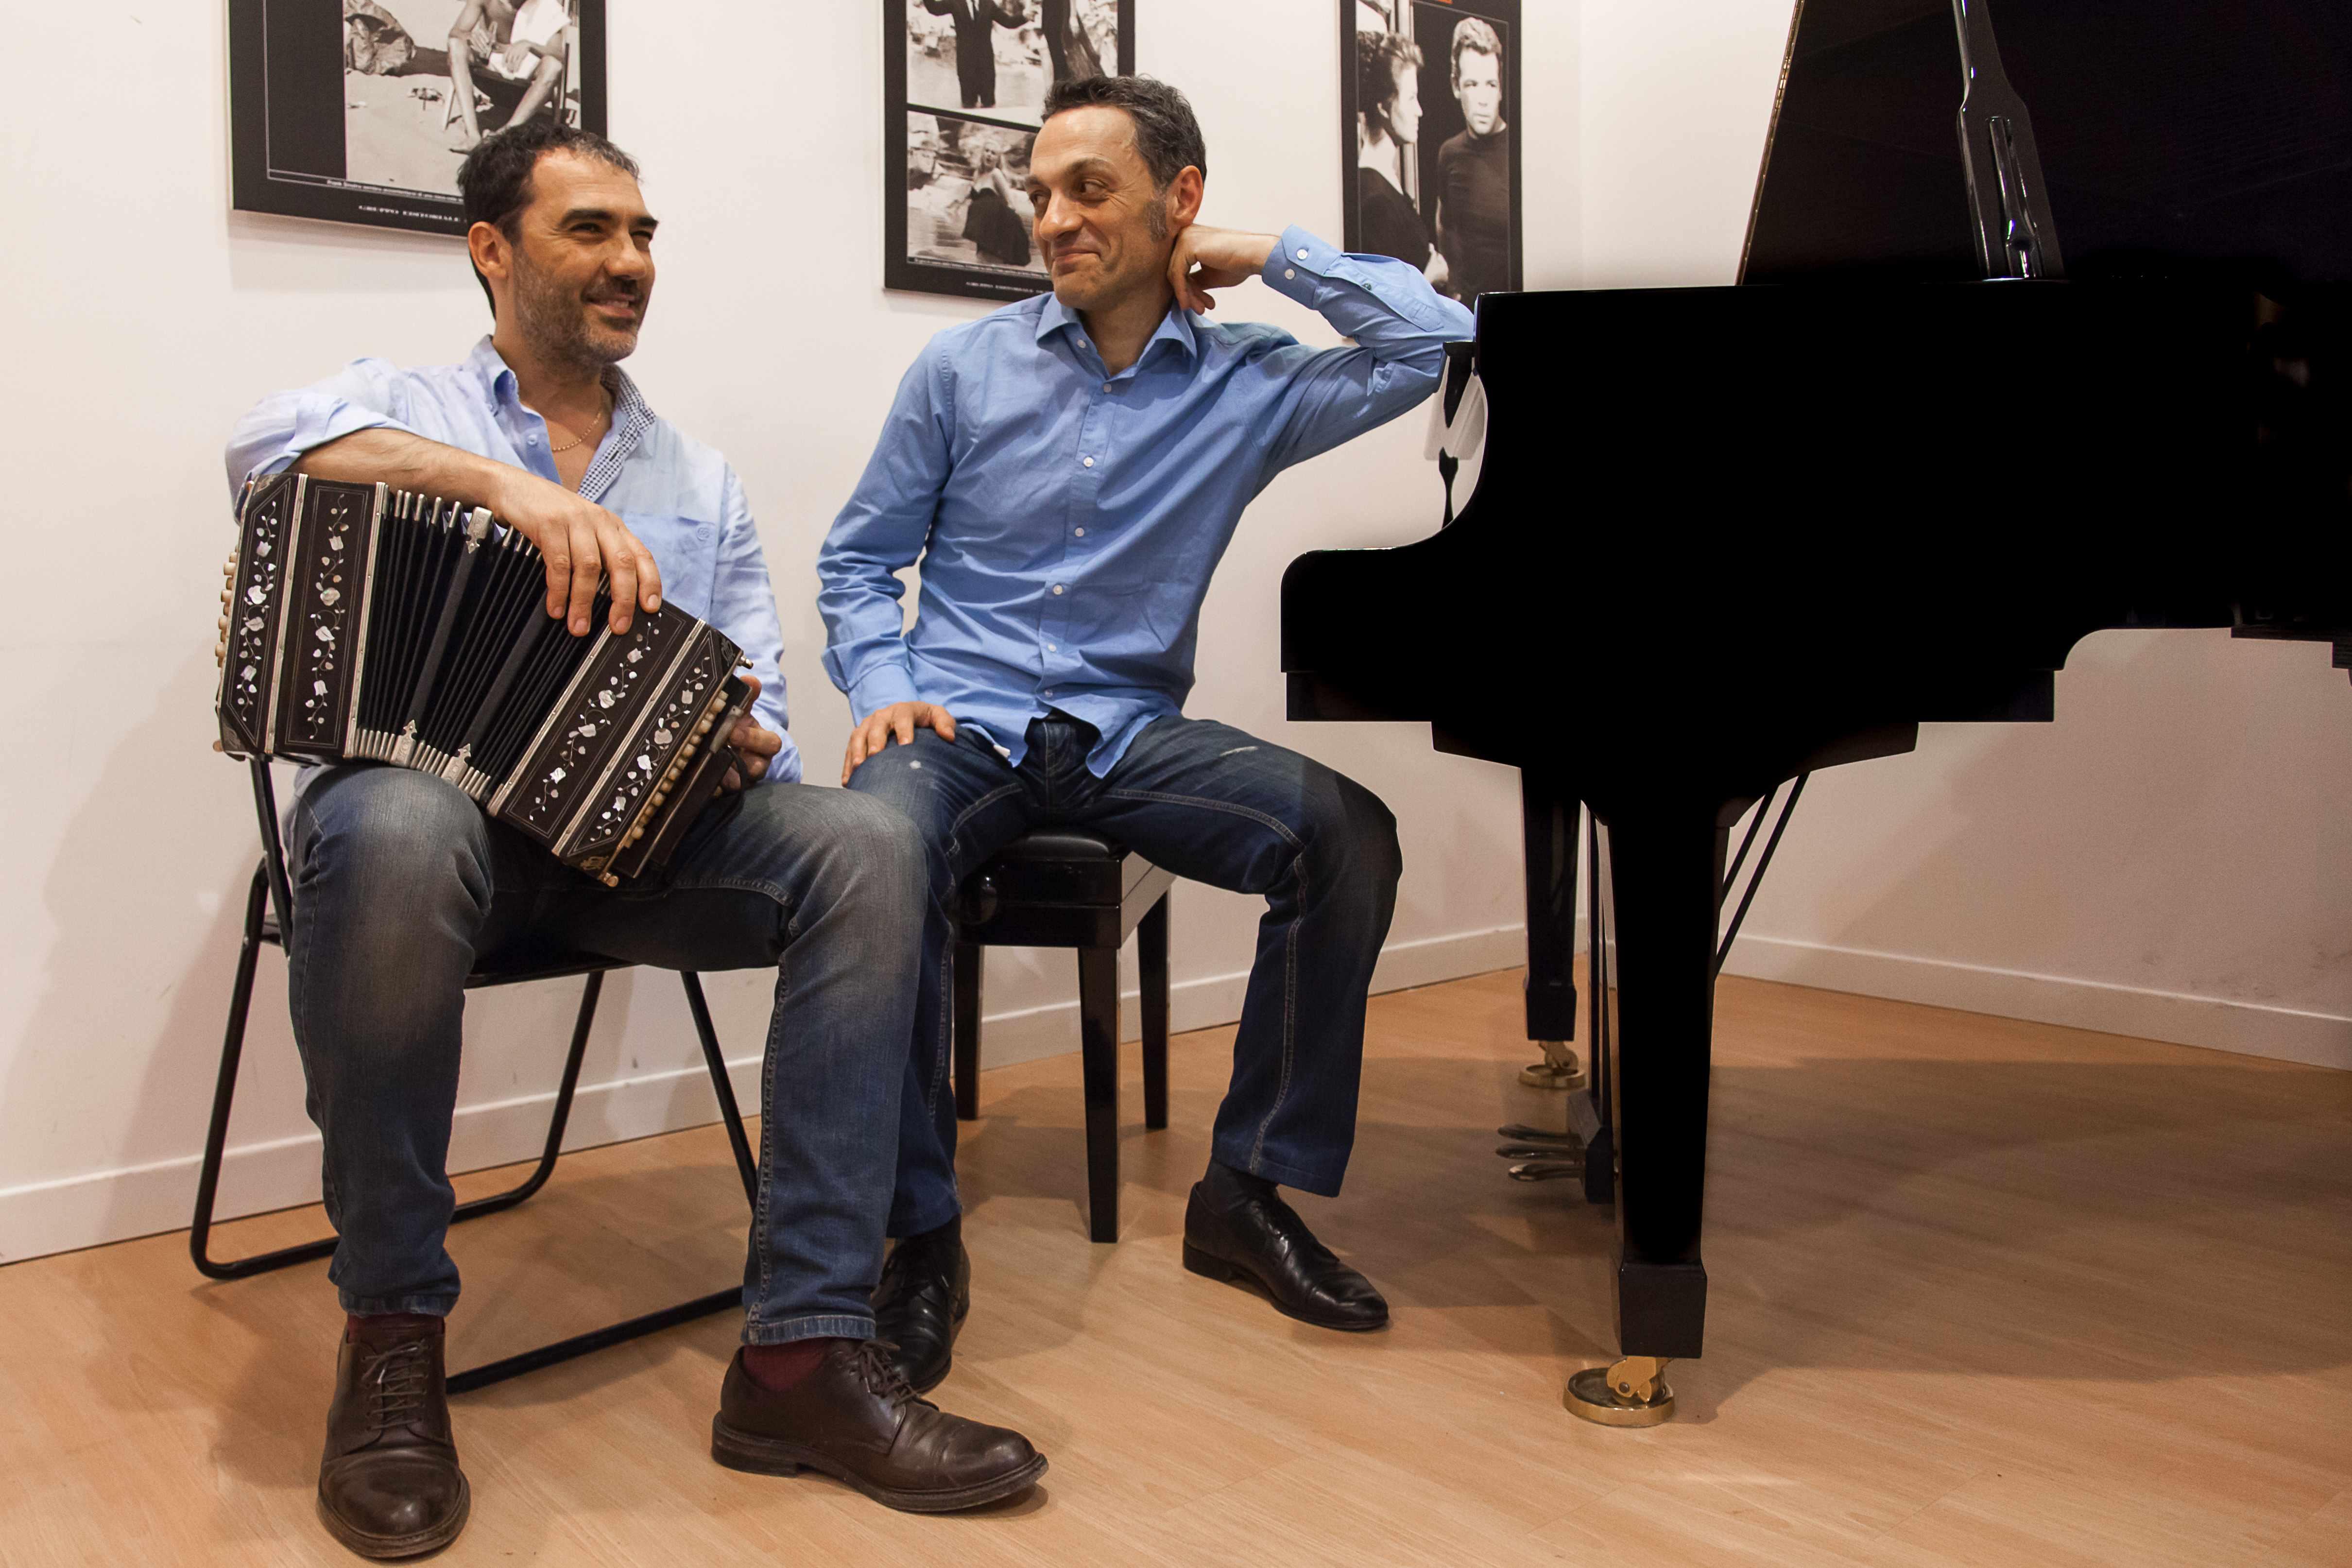 Foto Daniele di Bonaventura e Giovanni Ceccarelli 1 - credits Carlo Pieroni